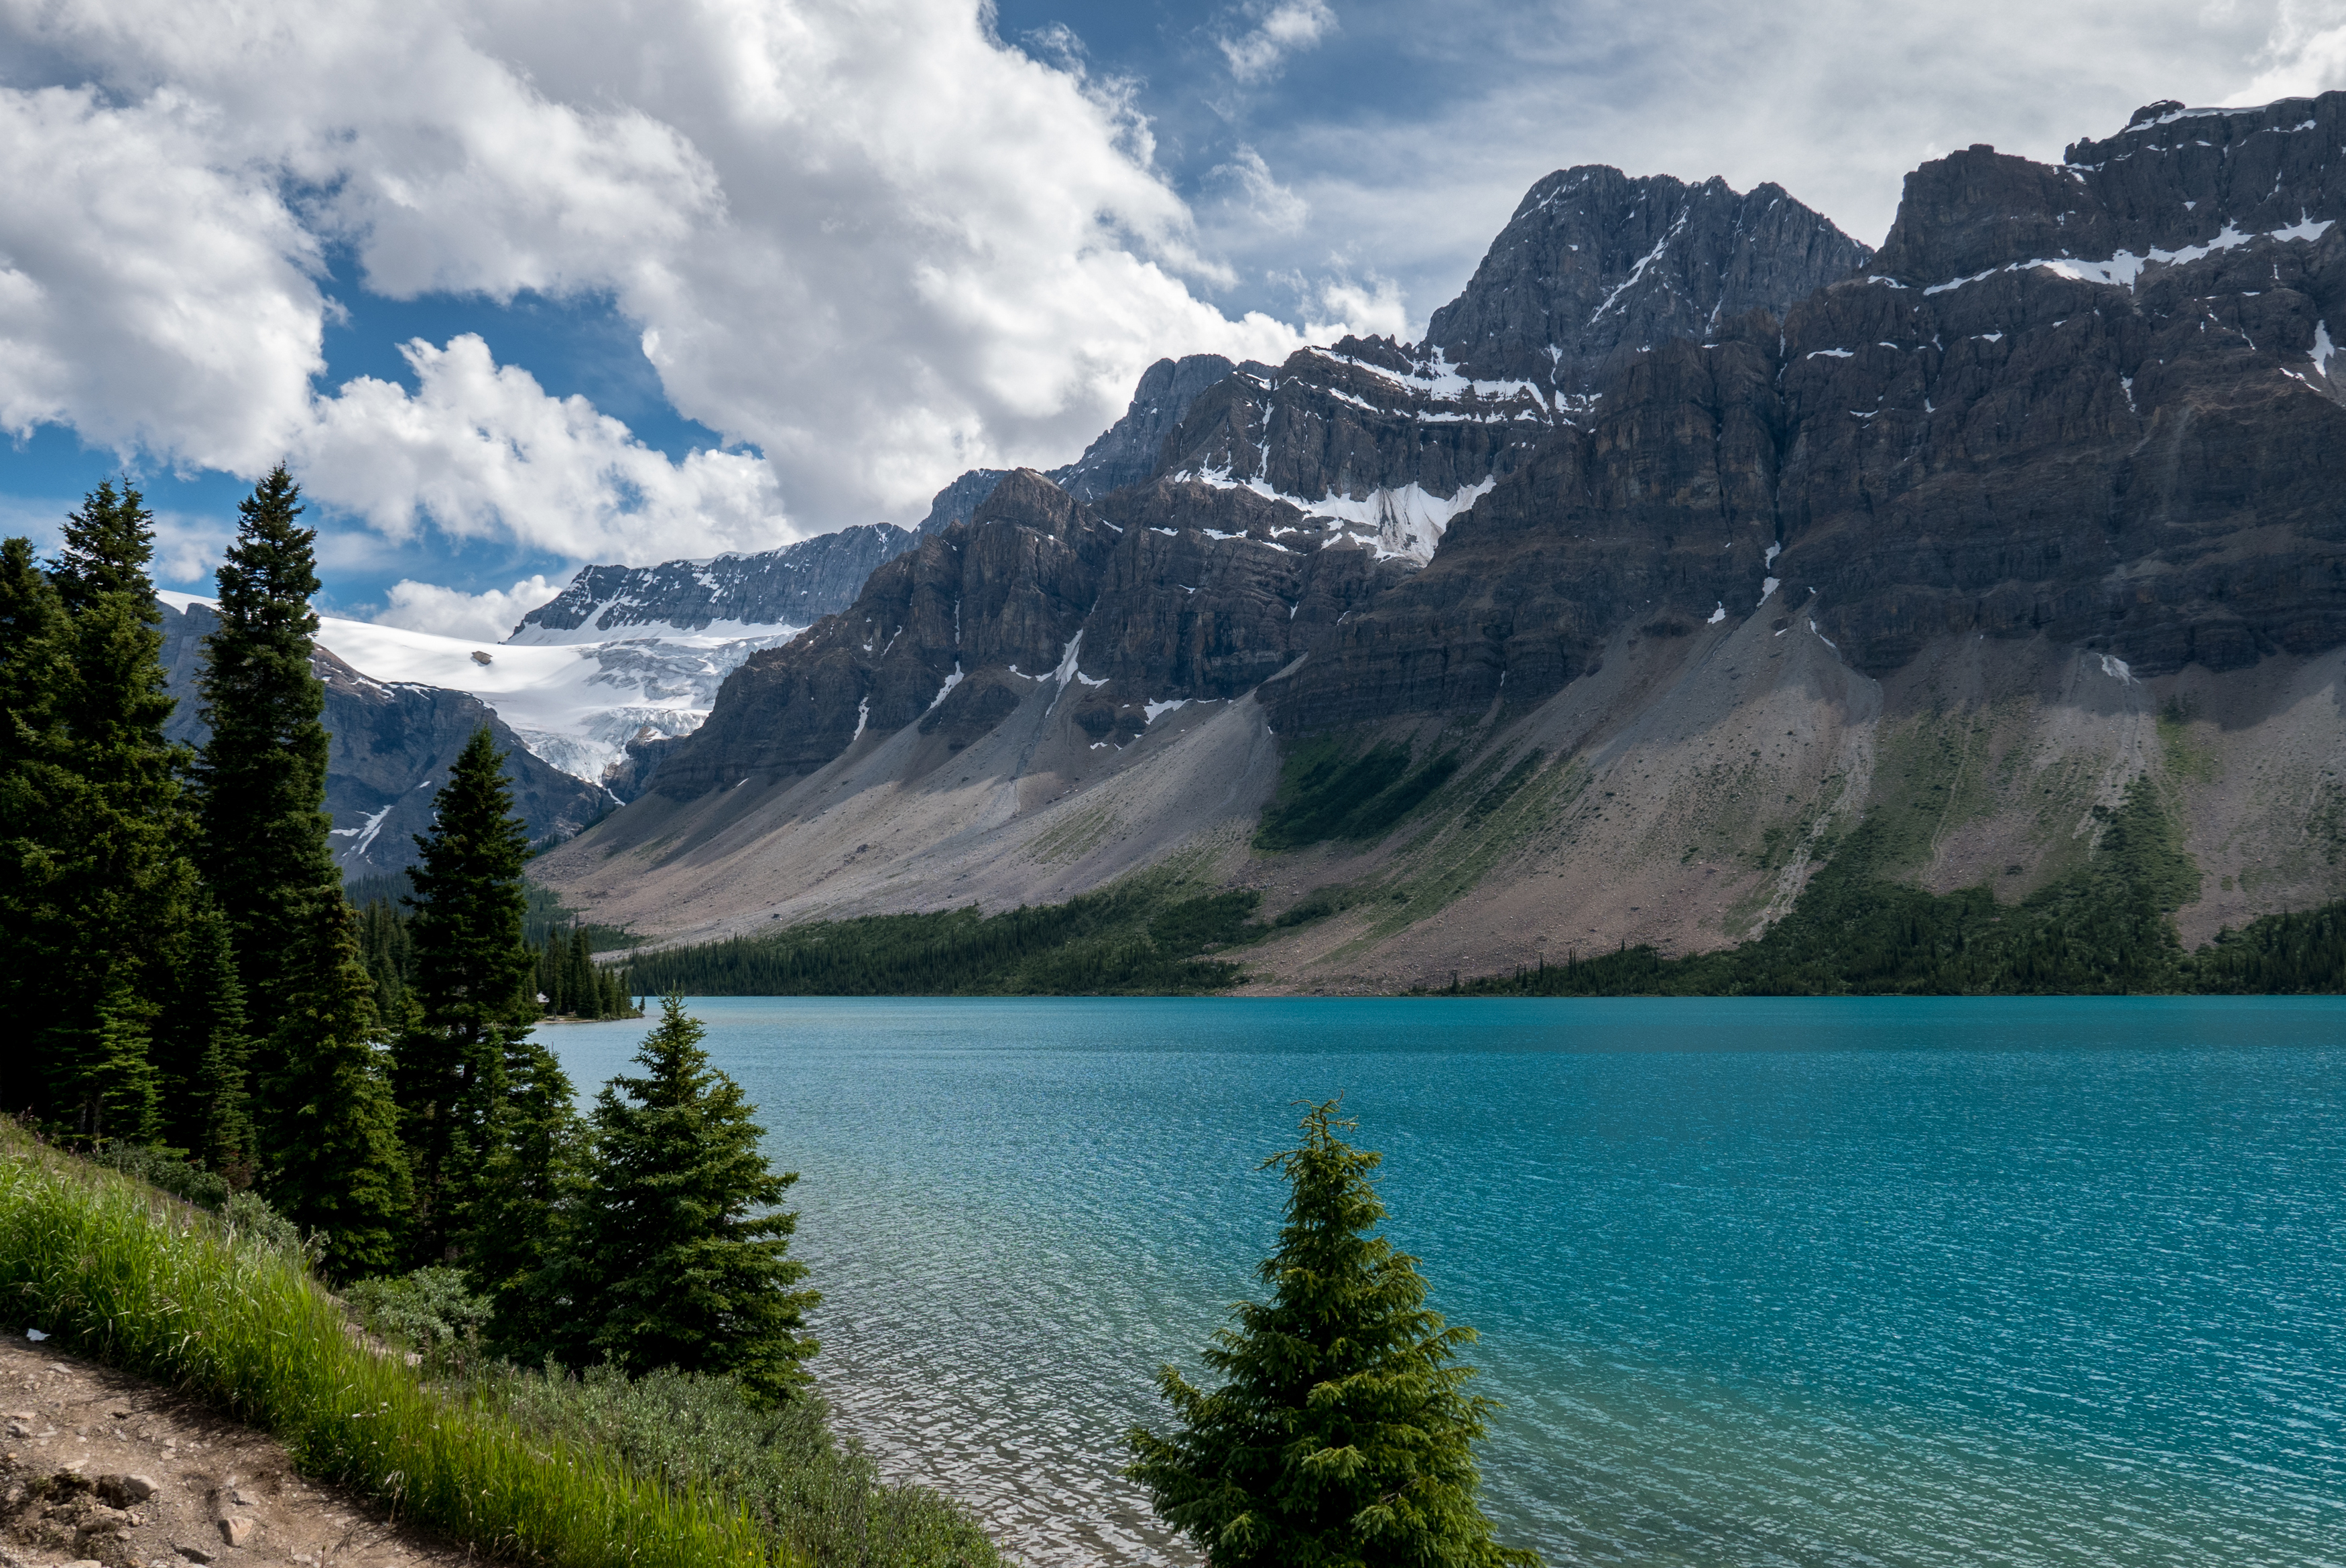 Banff y Yoho, cruzando las Montañas Rocosas de Canadá